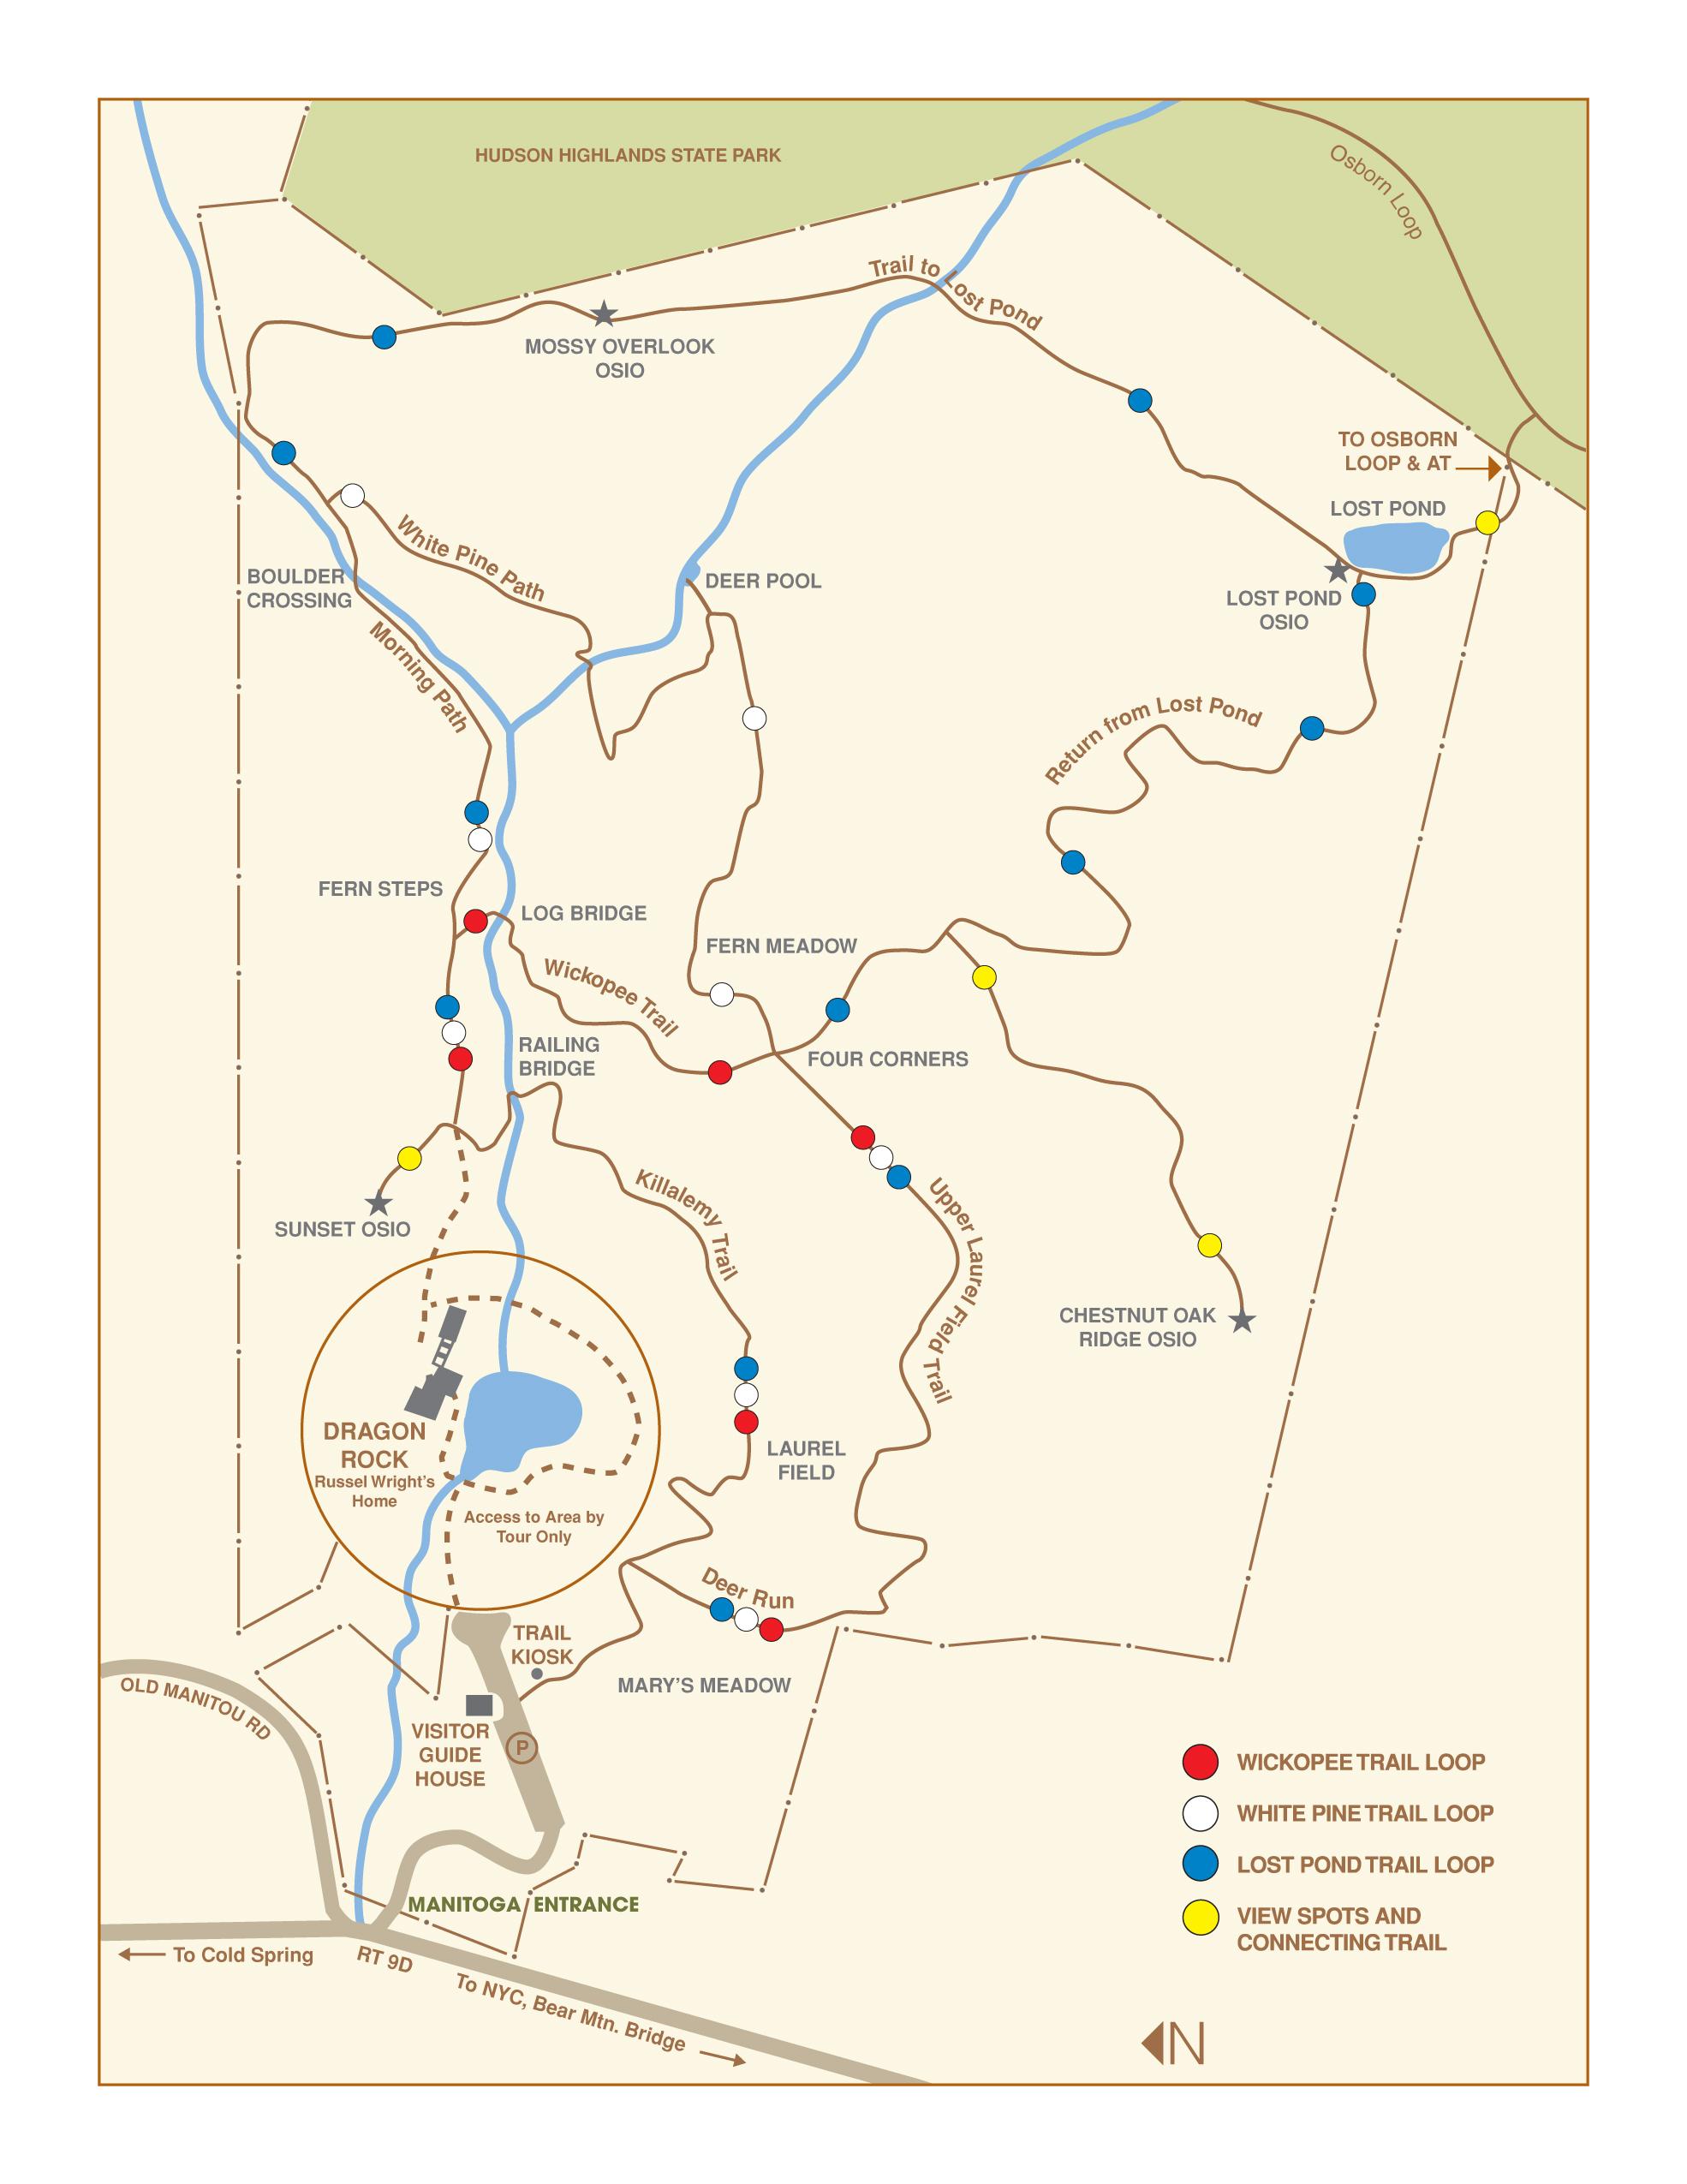 Trail-map-2017.jpg